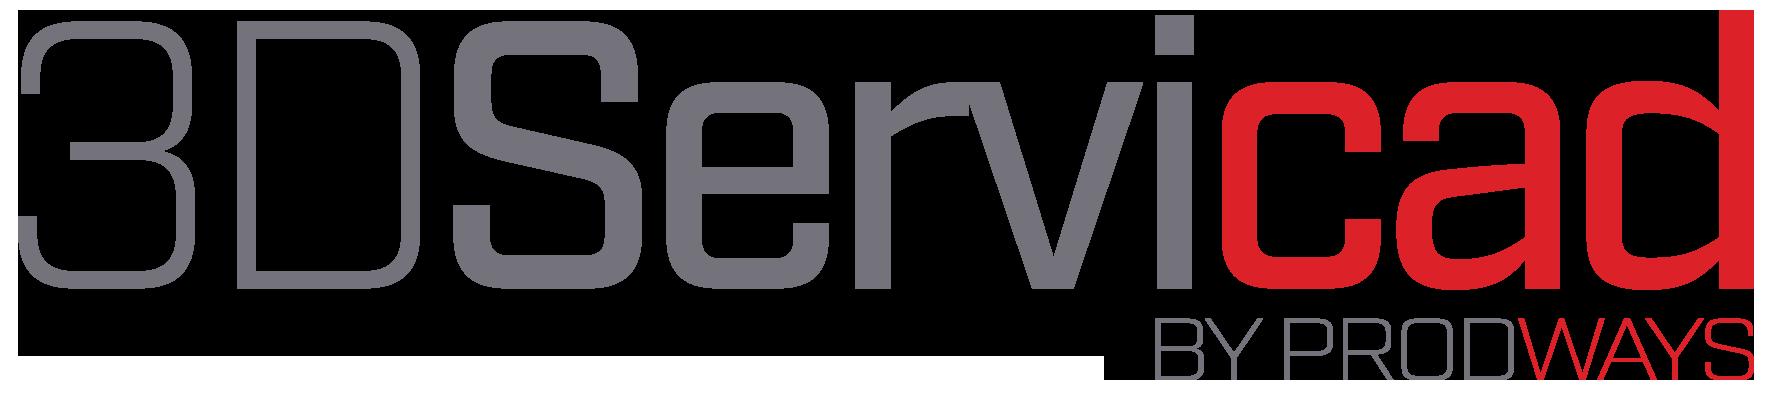 logo 3DSERVICAD